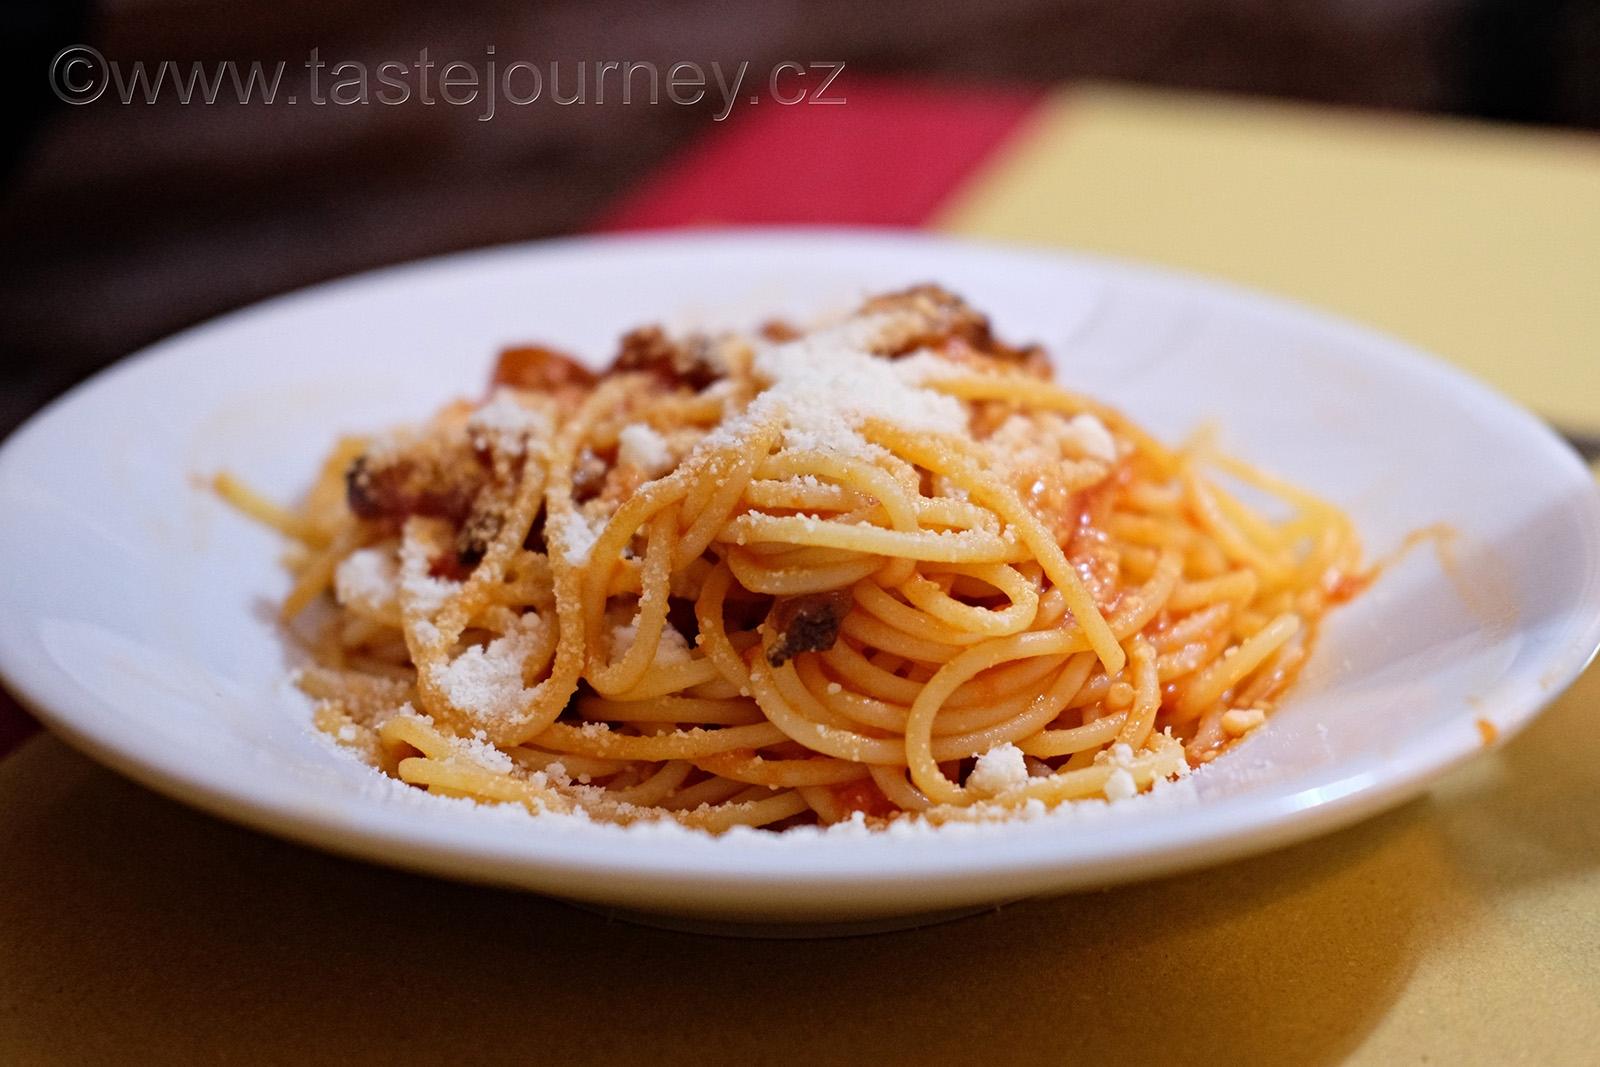 Klasická římská kuchyně - to jsou pasta alla amatriciana